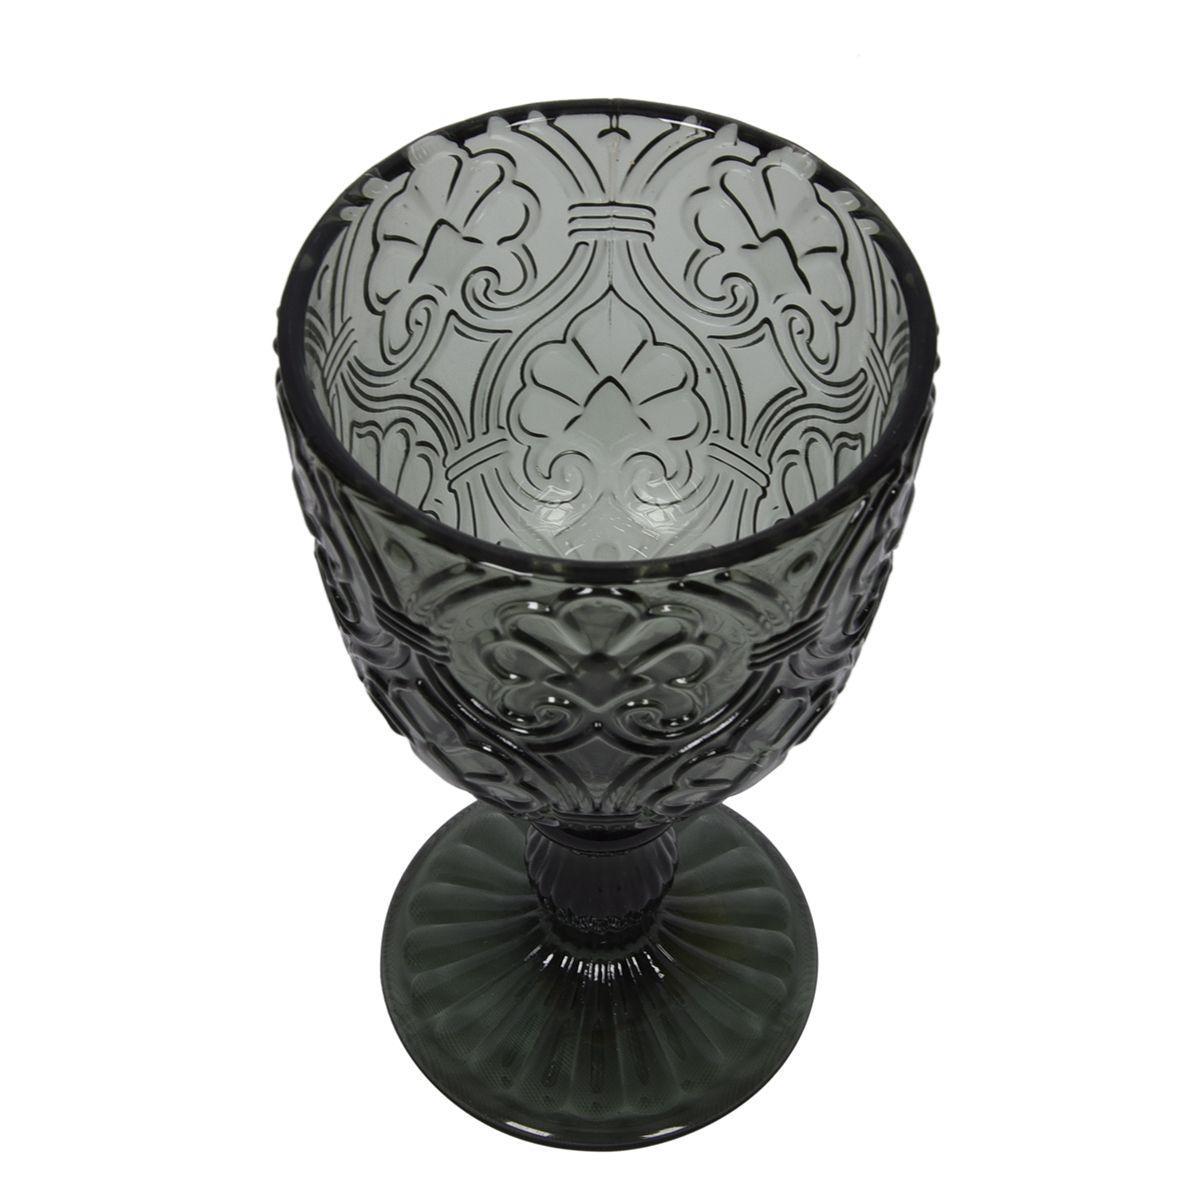 Набор из 6-ти бокалов темно-серого цвета с растительным орнаментом Corinto  - фото